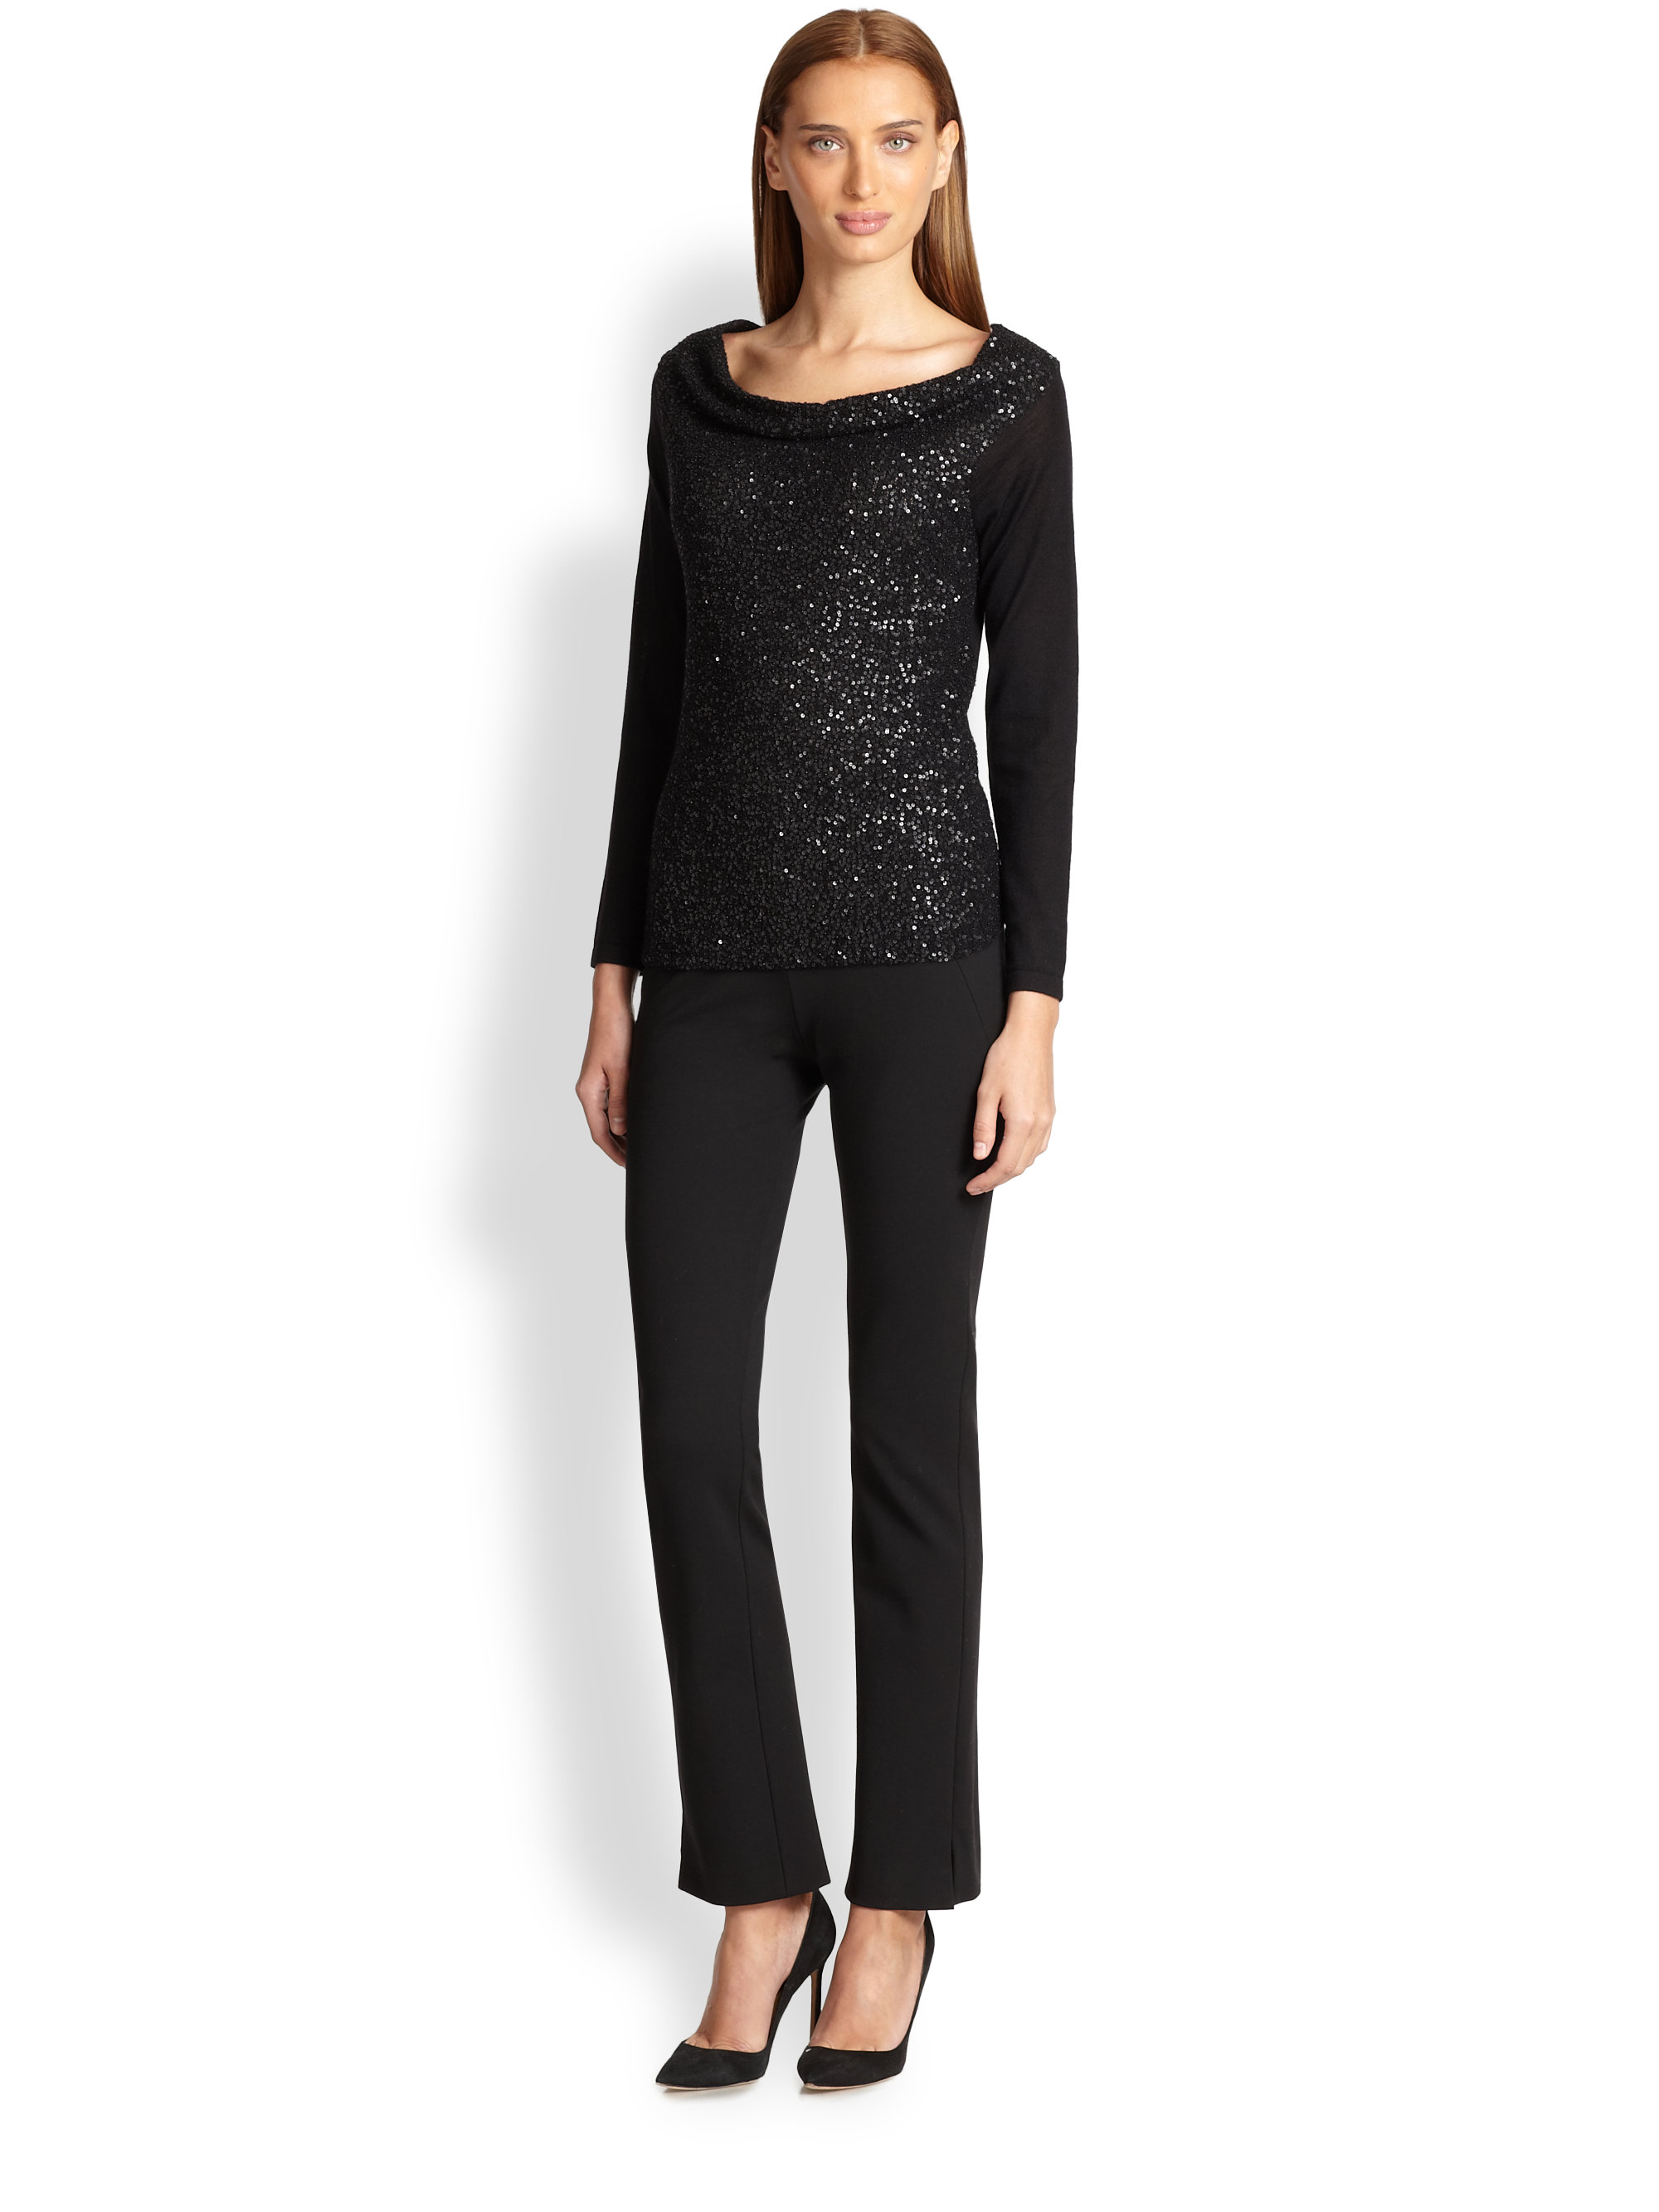 lyst donna karan sequined cashmere top in black. Black Bedroom Furniture Sets. Home Design Ideas